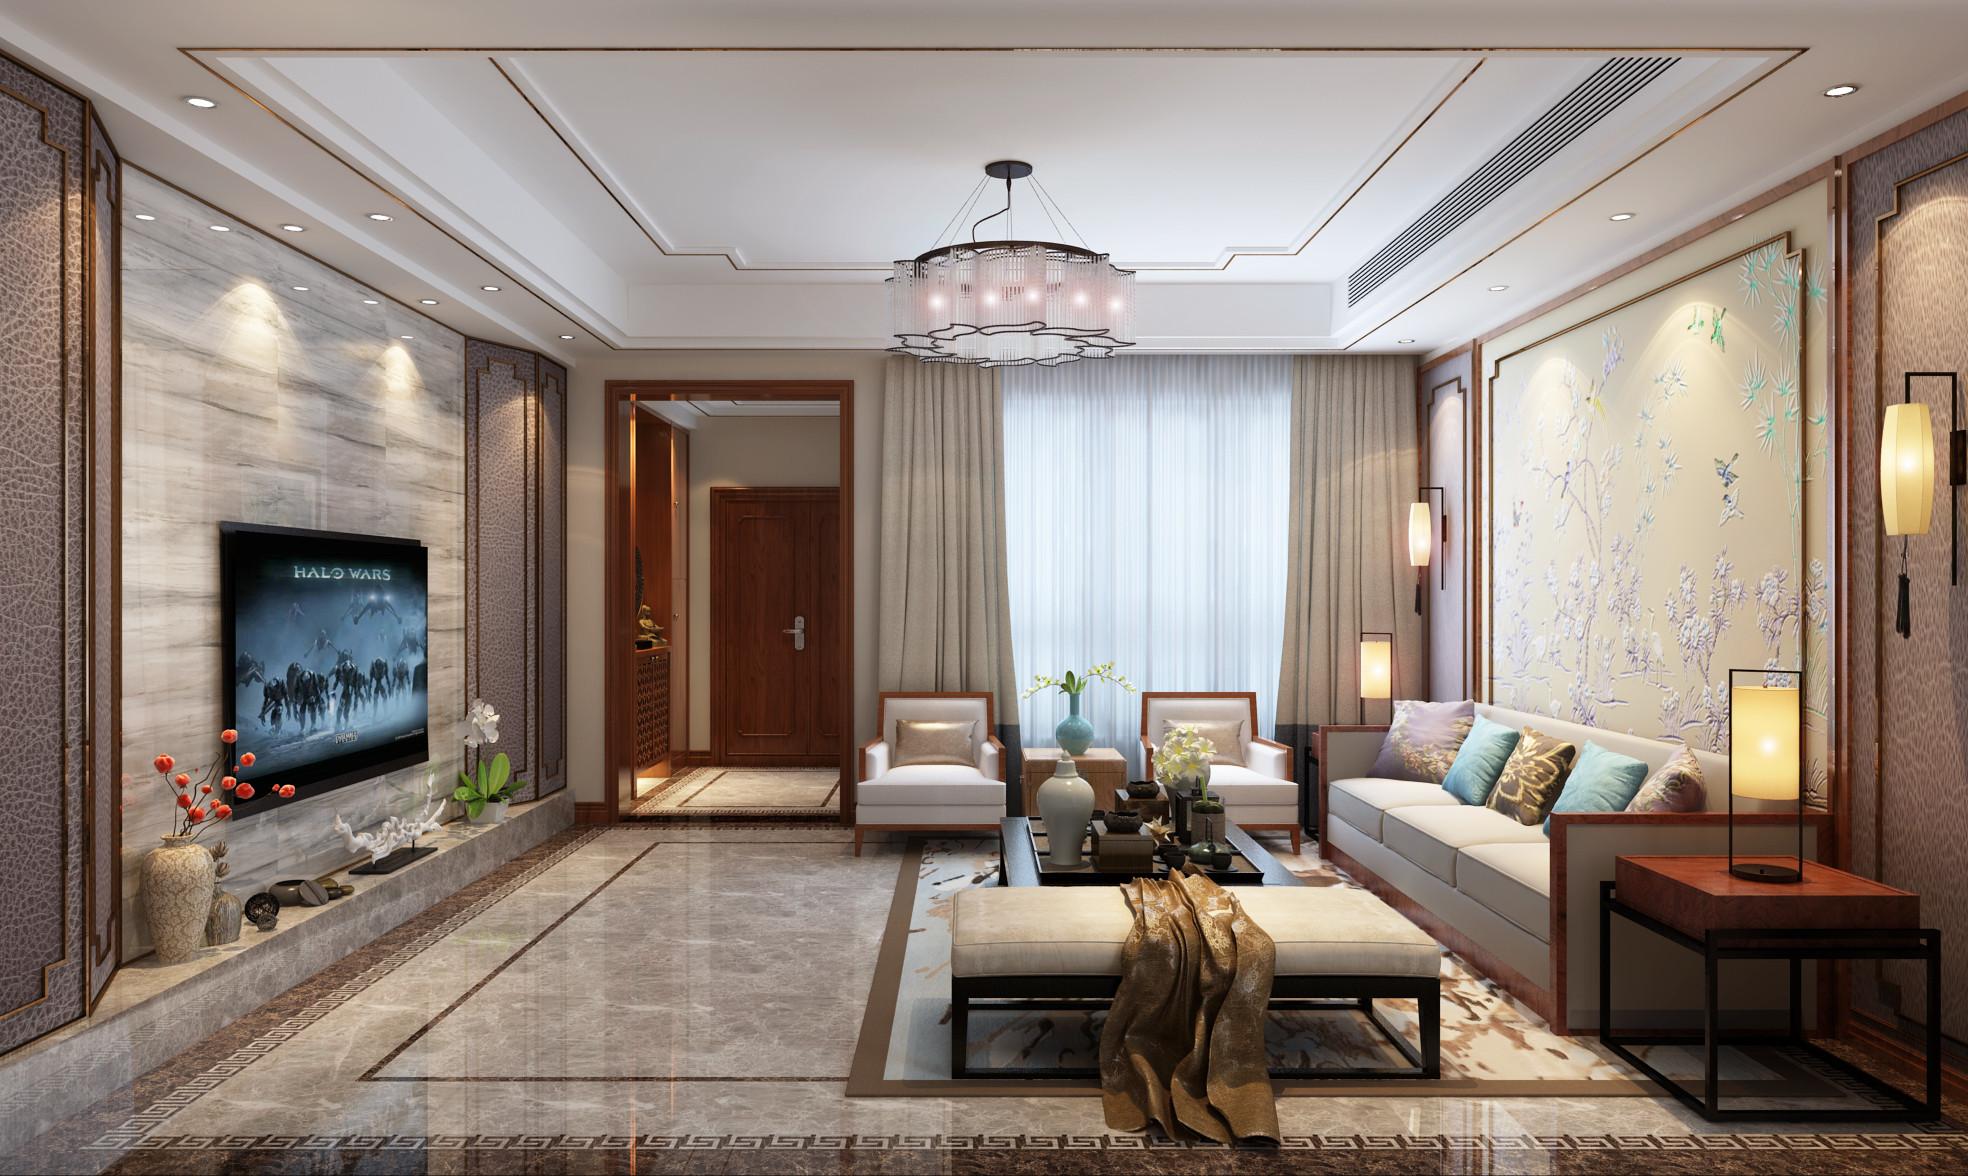 新中式豪华别墅装修客厅效果图